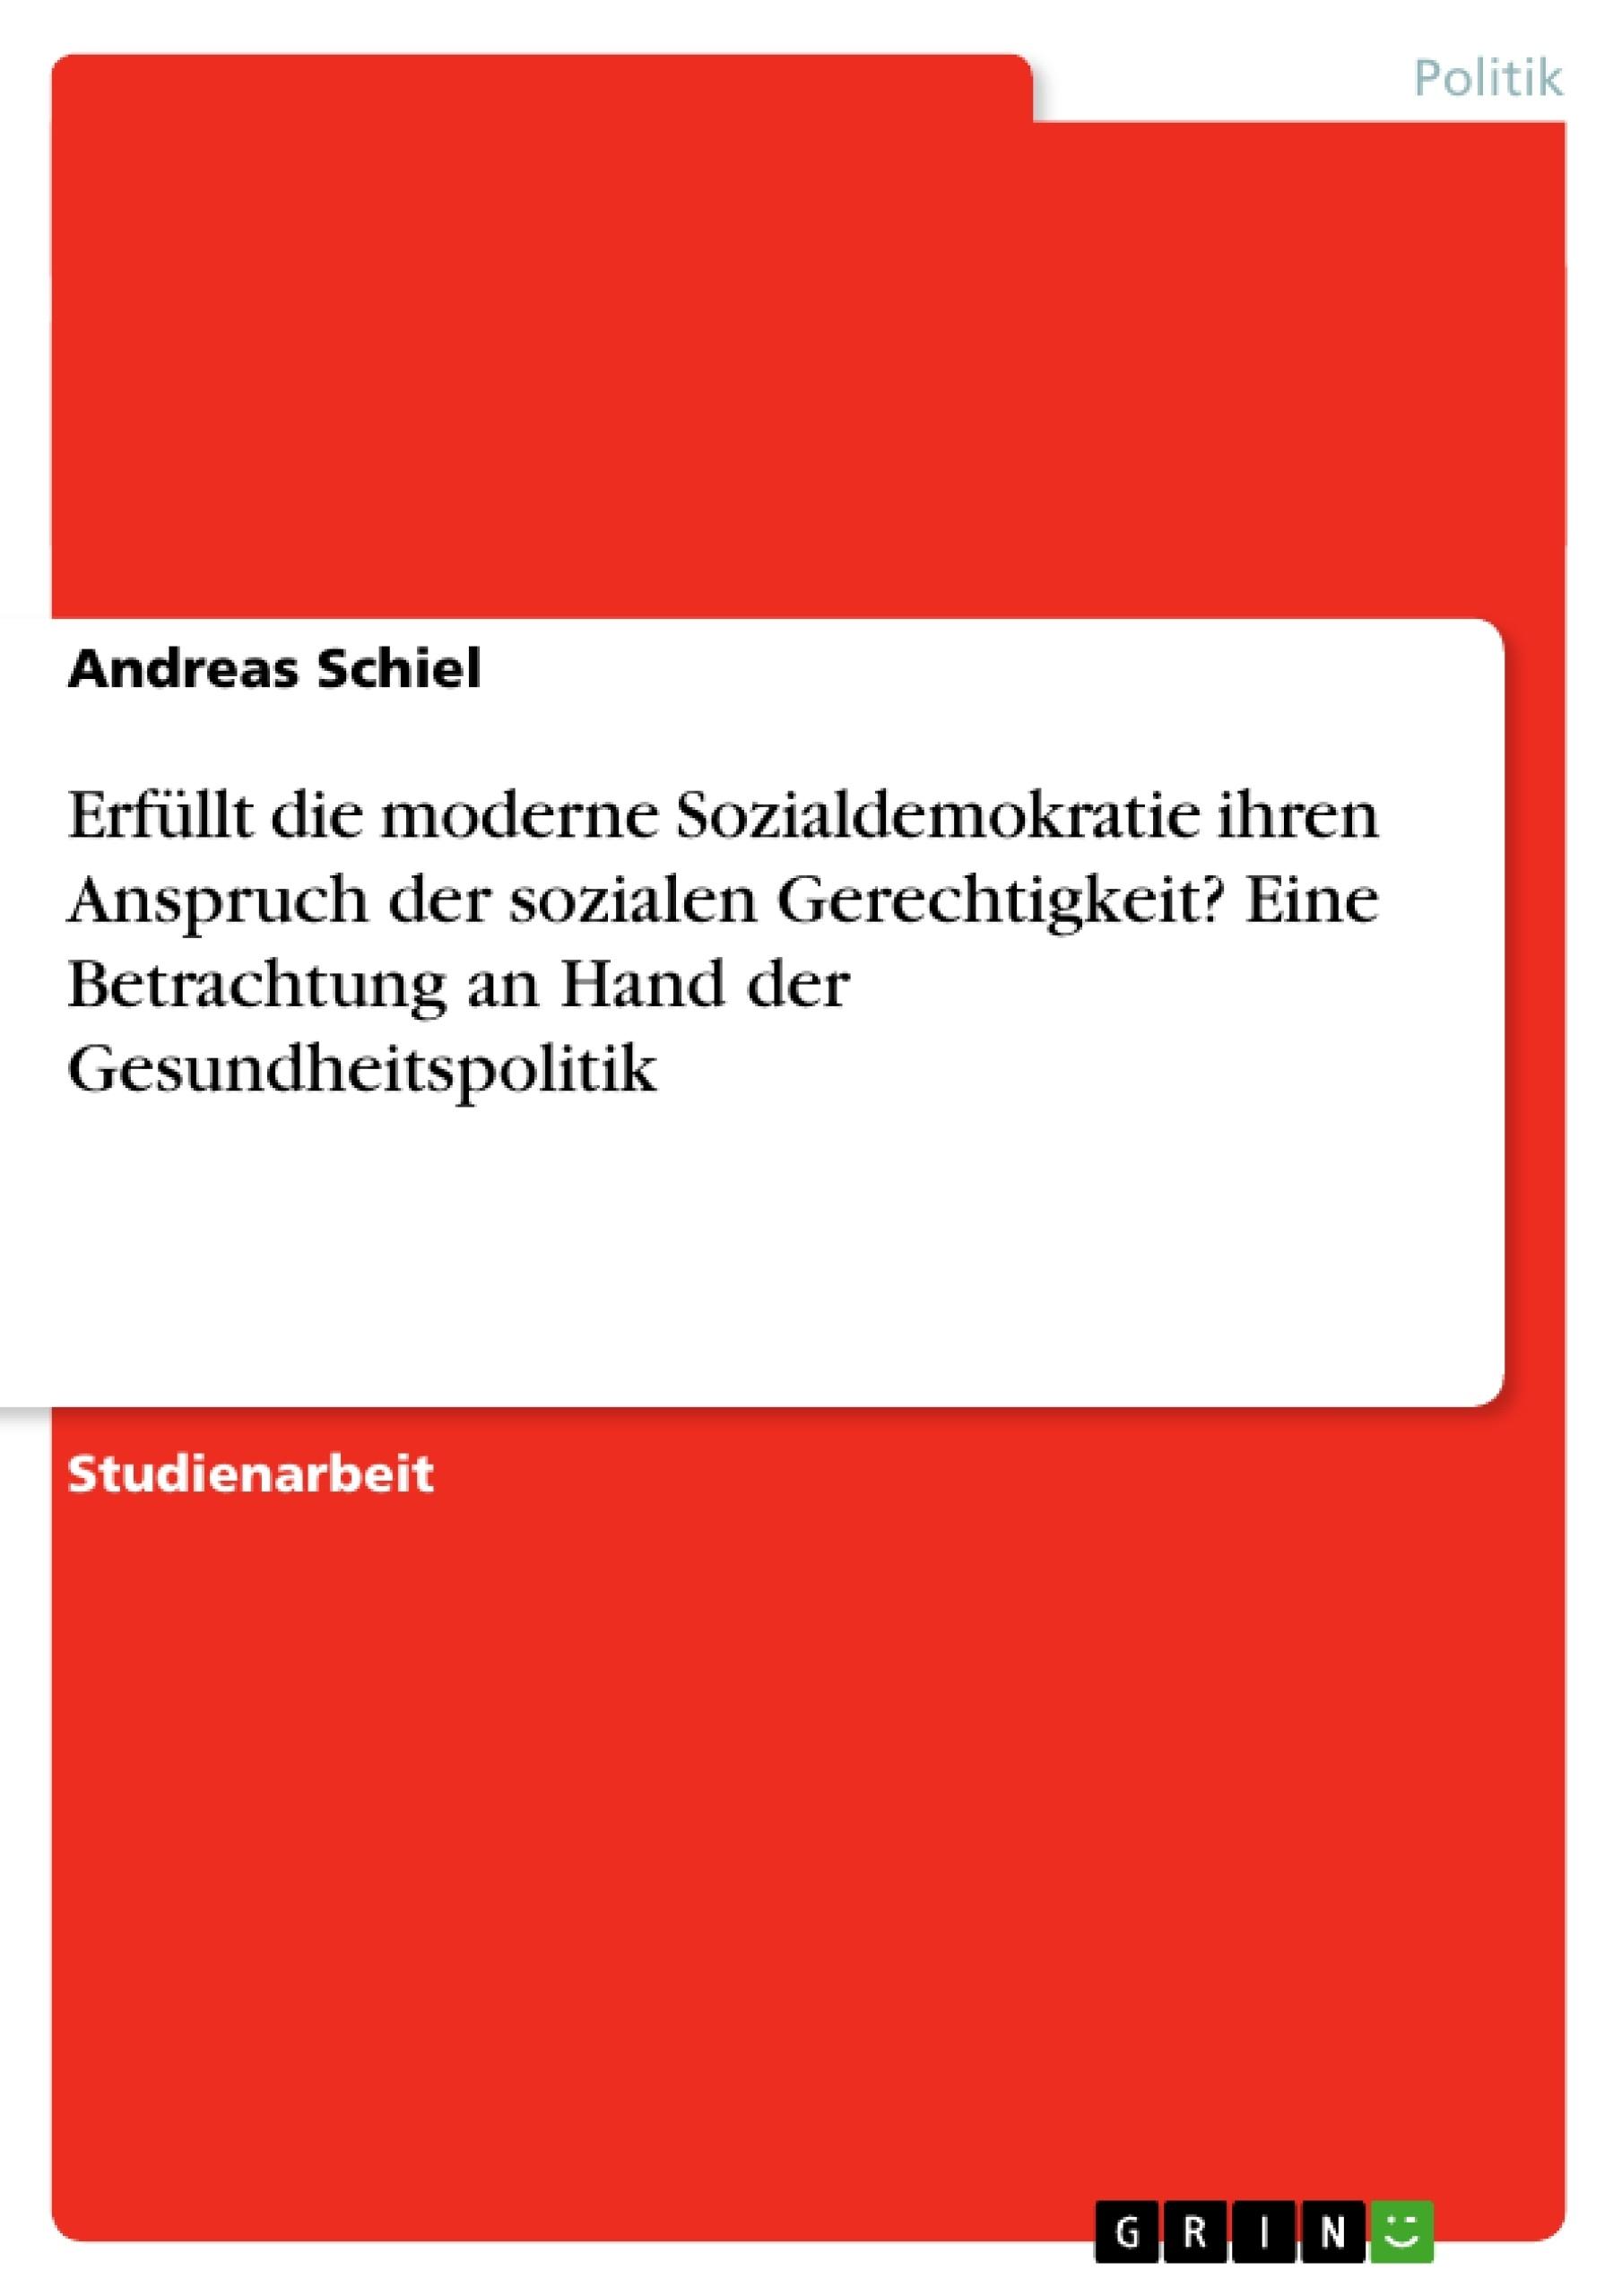 Titel: Erfüllt die moderne Sozialdemokratie ihren Anspruch der sozialen Gerechtigkeit? Eine Betrachtung an Hand der Gesundheitspolitik